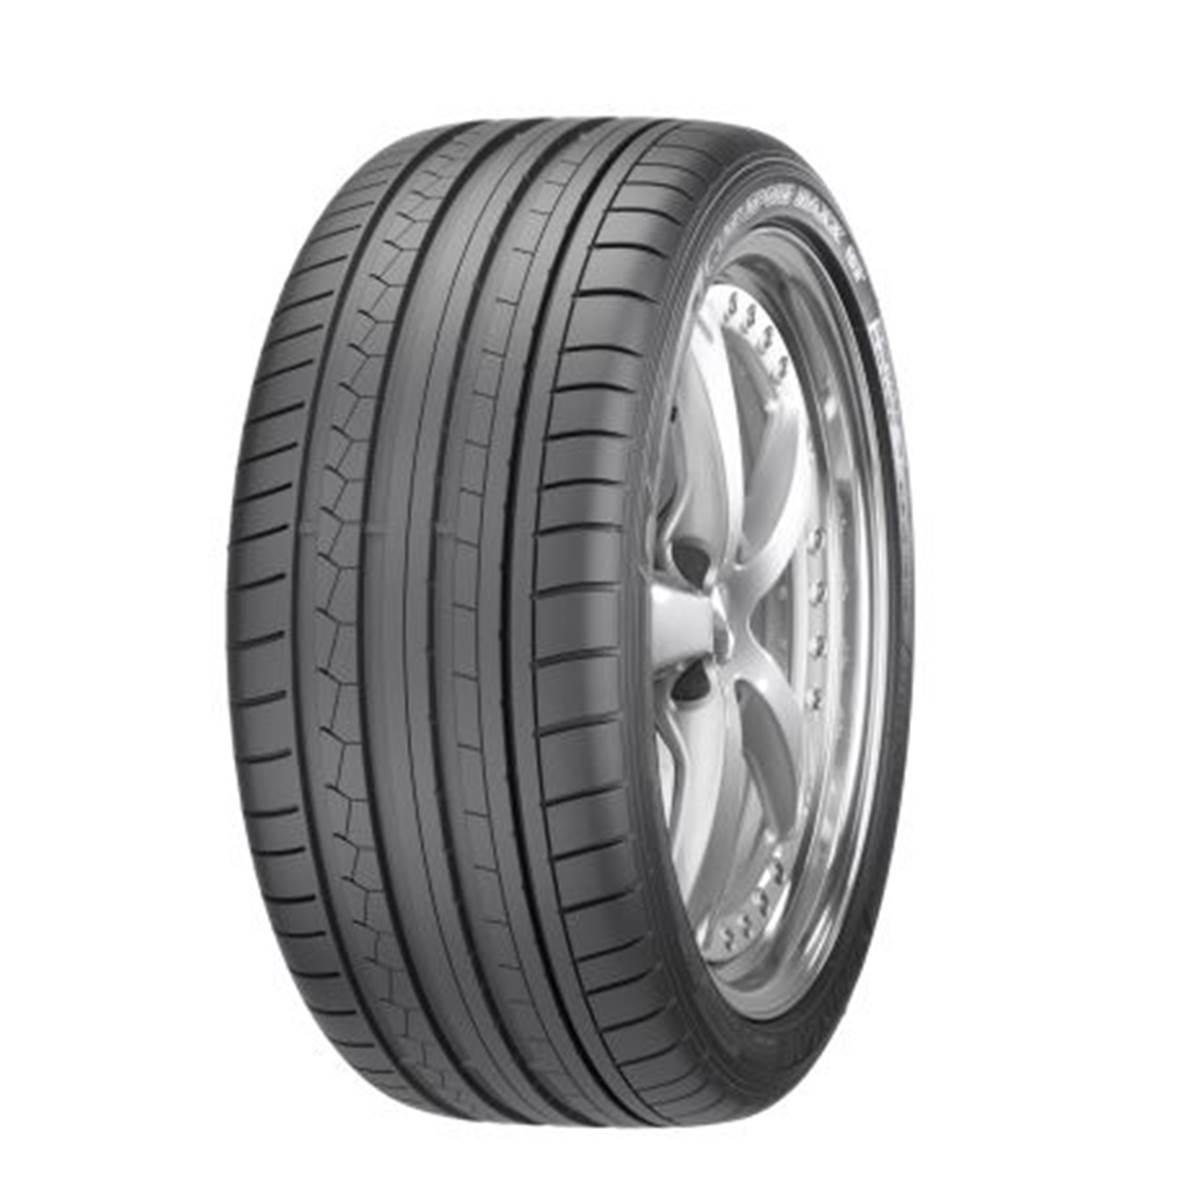 Pneu Dunlop 275/30R21 98Y Sp Sport Maxx Gt XL